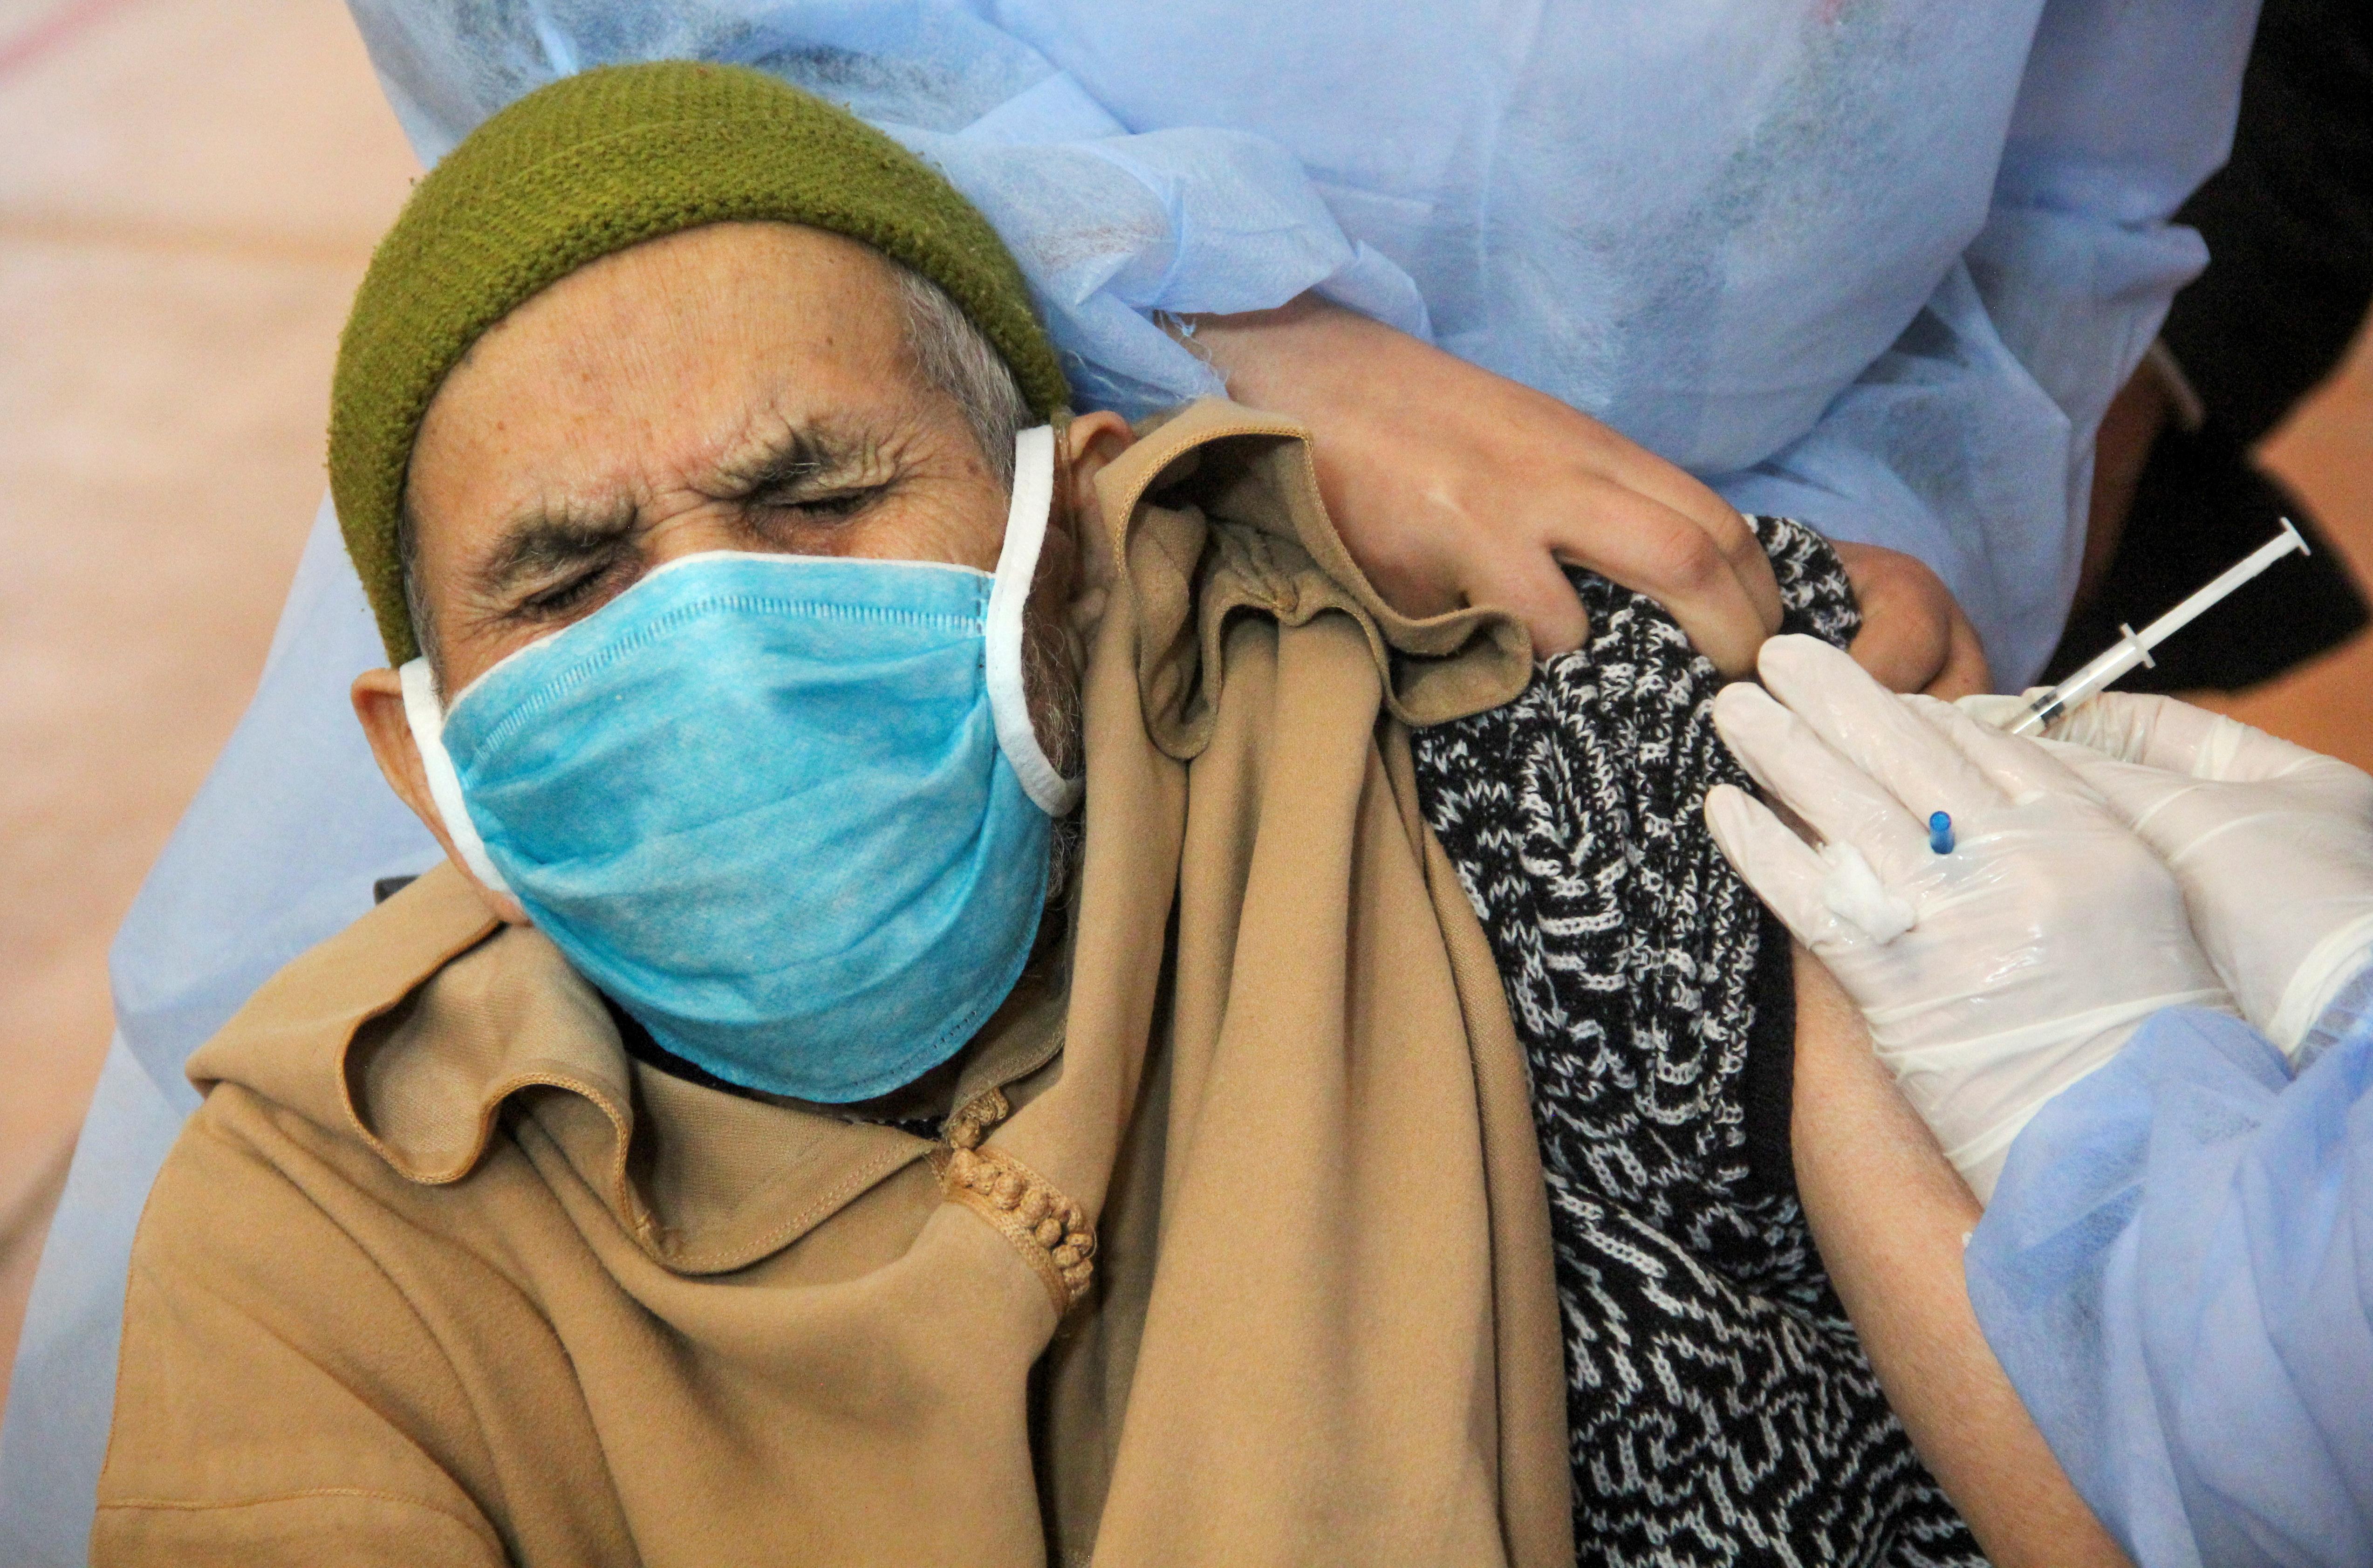 """مرور سنة على جائحة فيروس كورونا المستجدّ في الشرق الأوسط وشمال أفريقيا: مصير """"الدول الأفضل أداءً"""""""